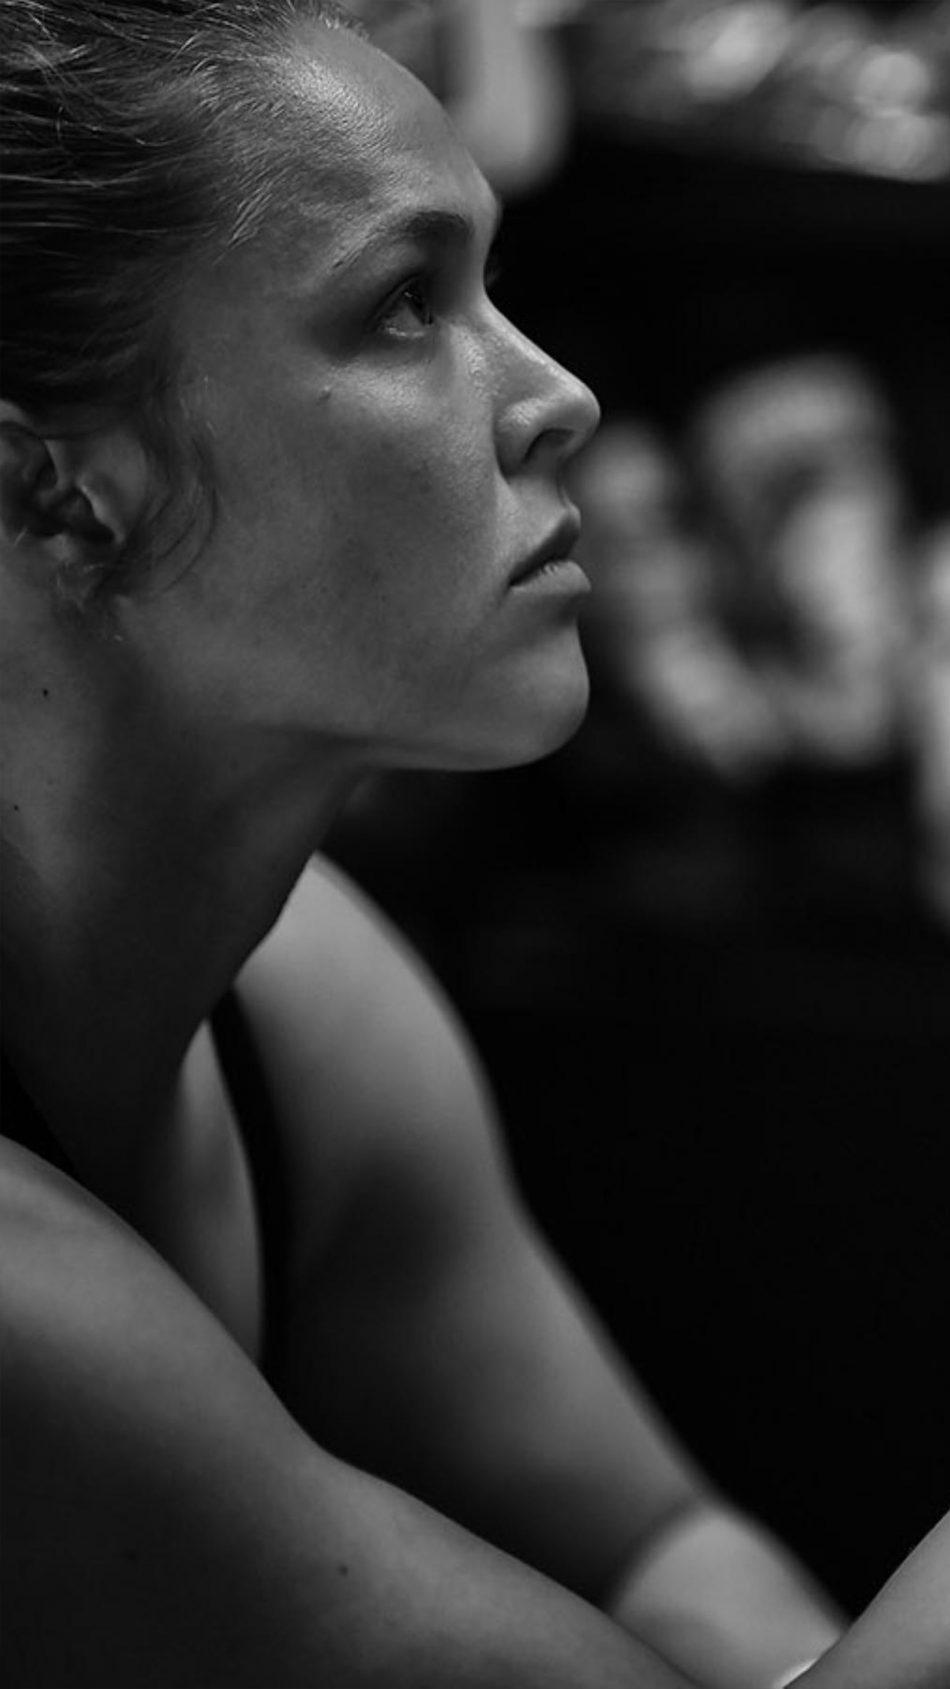 Ronda Rousey Wrestler BW 4K Ultra HD Mobile Wallpaper